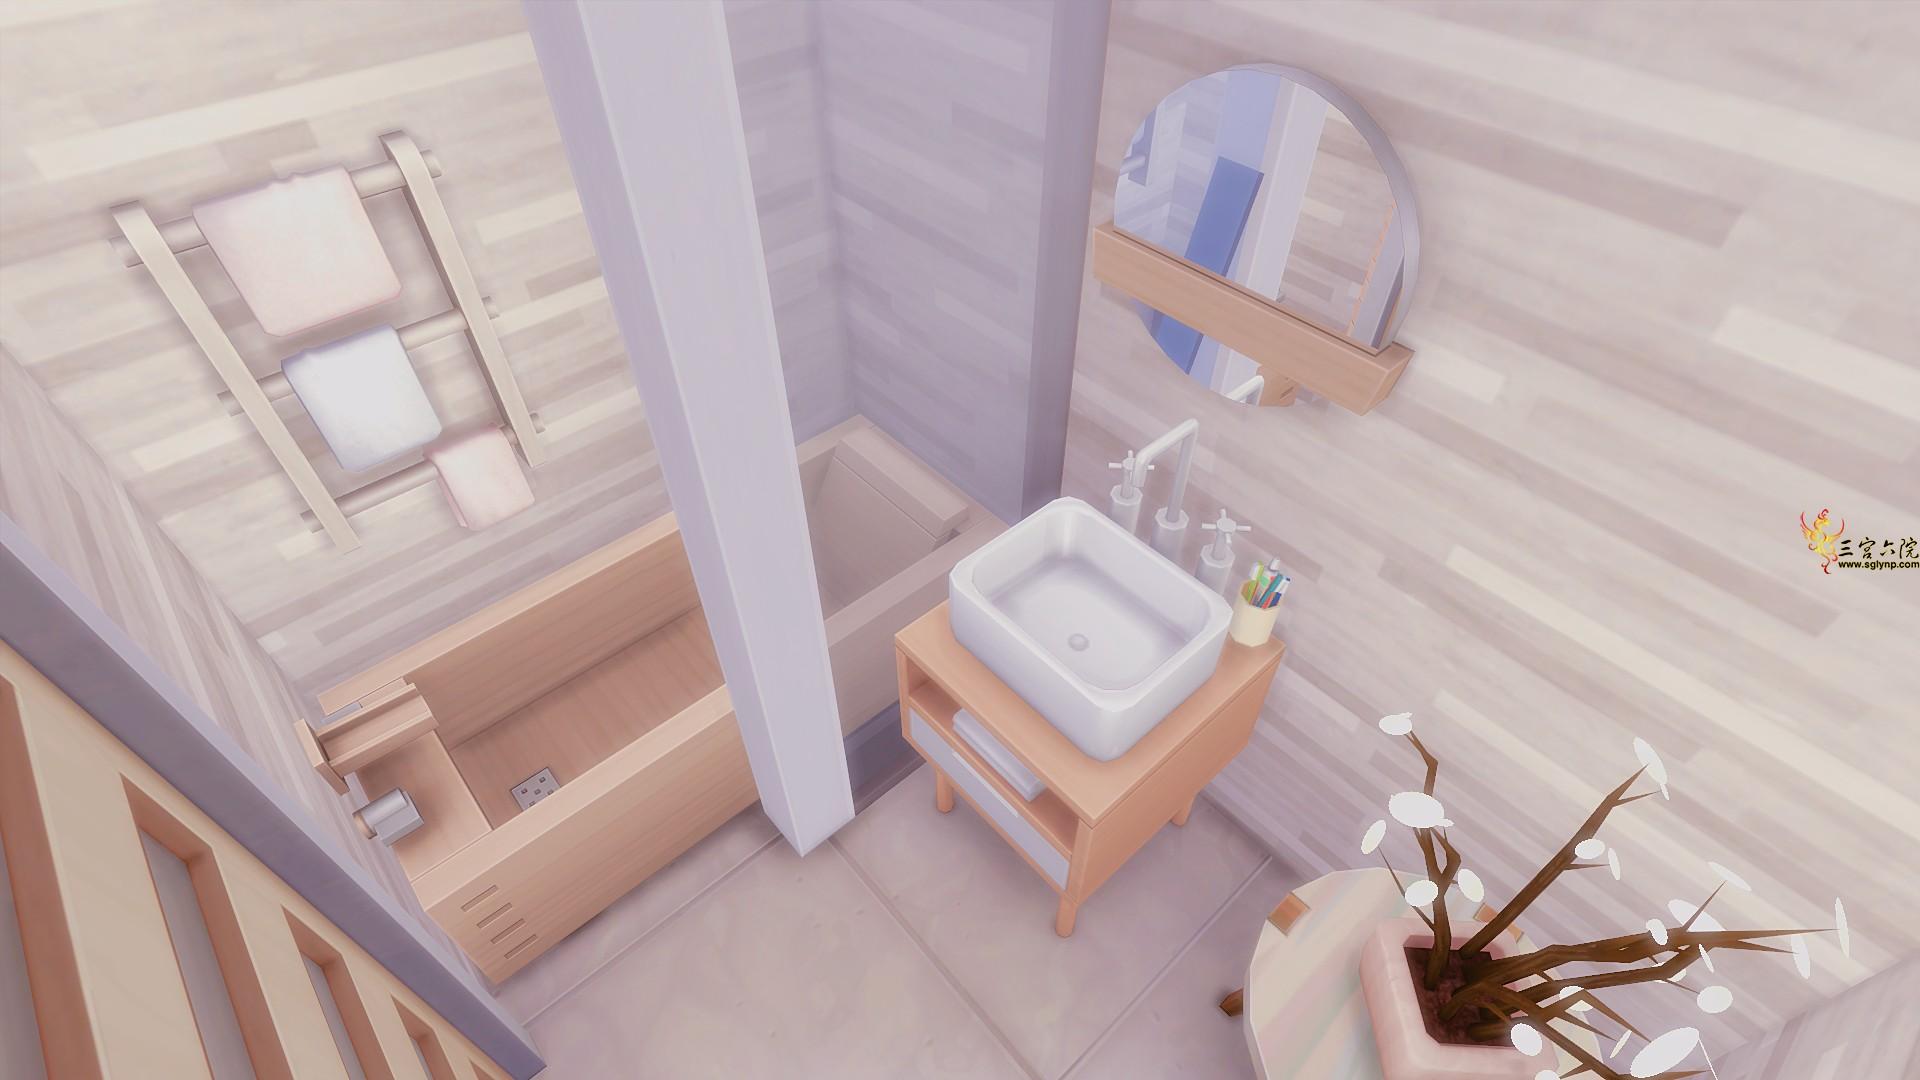 Sims 4 Screenshot 2021.02.14 - 14.11.16.66.png